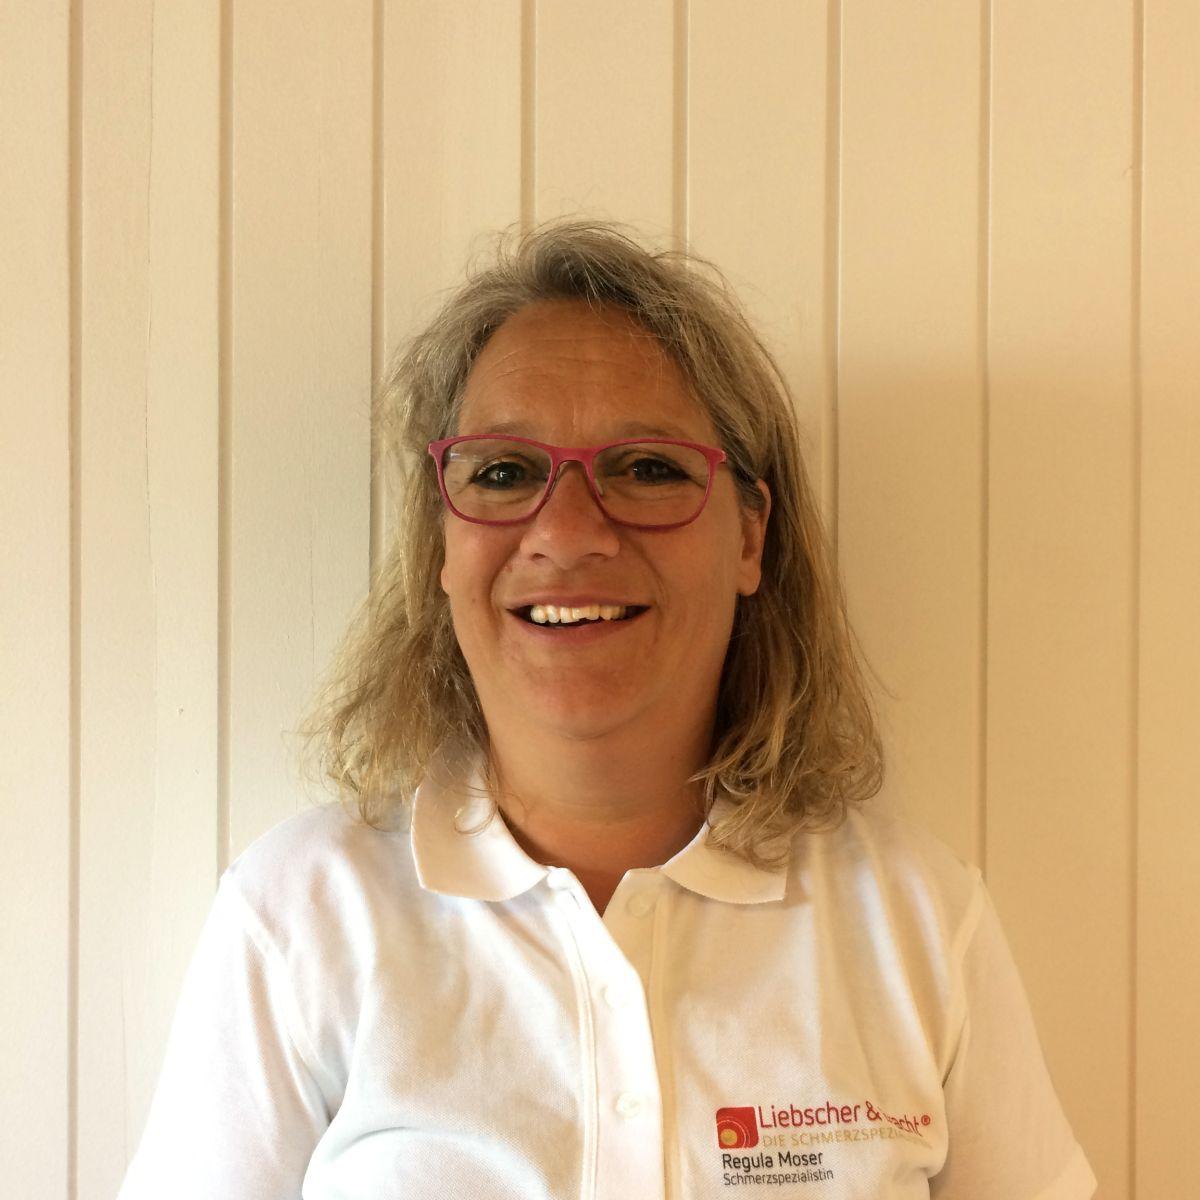 Das Foto zeigt Regula Moser vor einer weißen Holzwand. Sie hat hellgraue Haare die sich leicht wellen. Auf dem Foto trägt sie eine rote eckige Brille und ein weißes Liebscher & Bracht Polo T-Shirt.